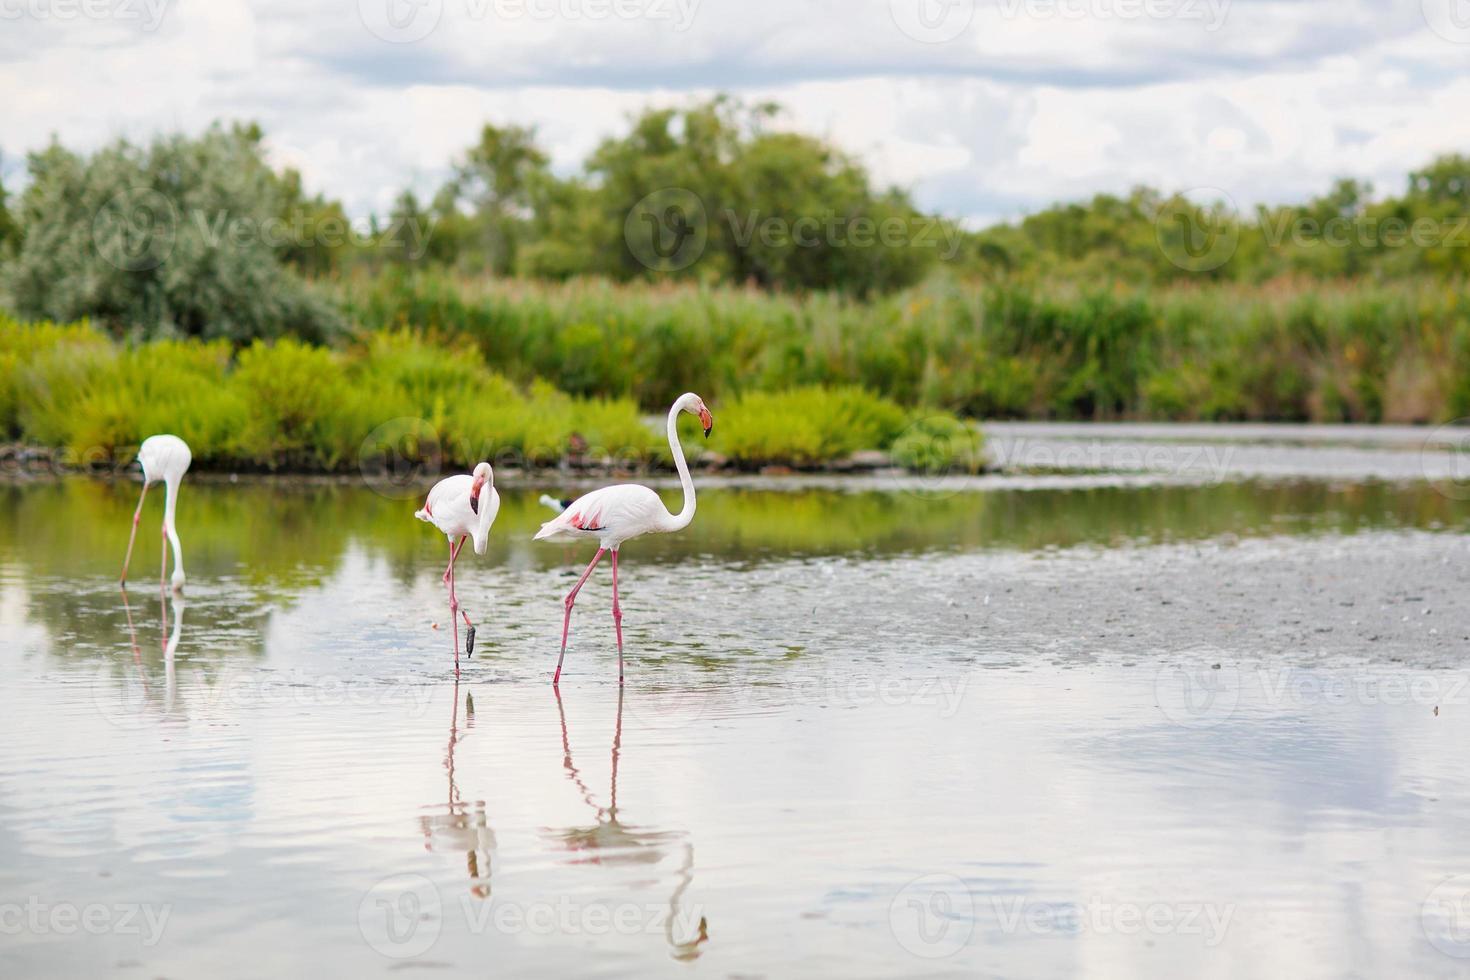 wilde flamingovogels in het meer in camargue, frankrijk, provence foto